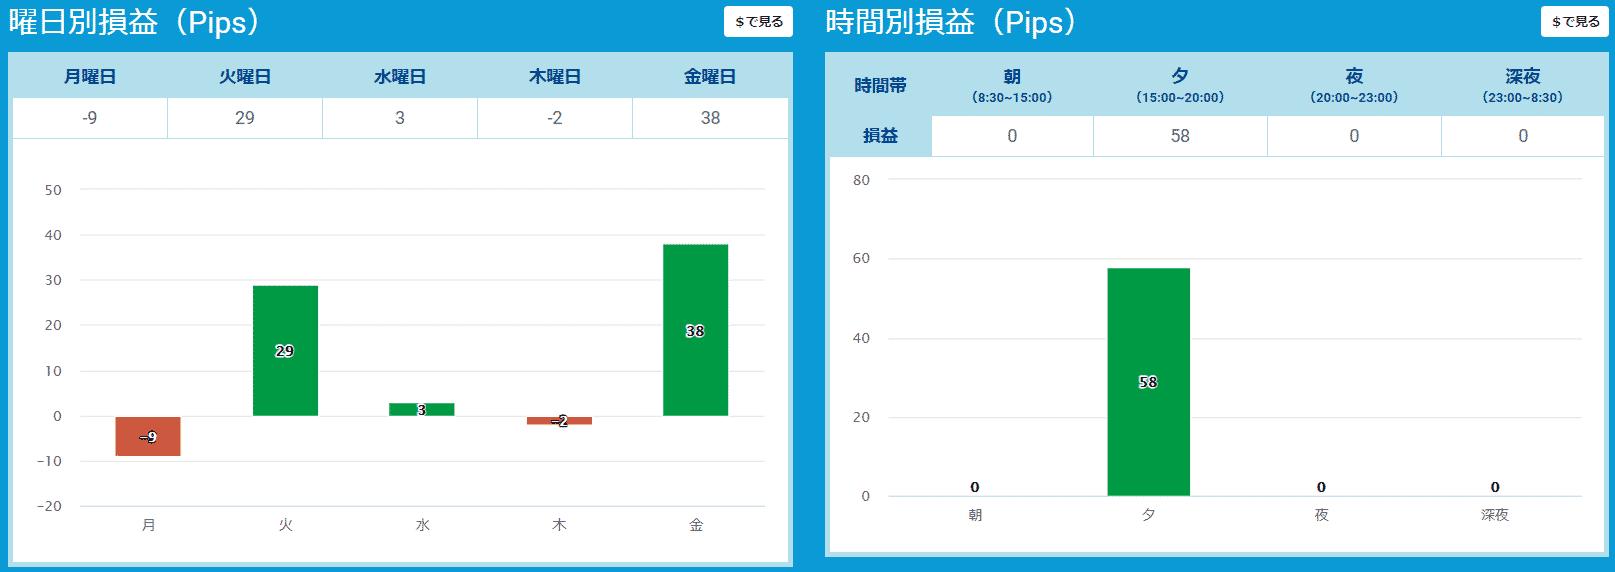 プロップトレーダーチャートTaka1